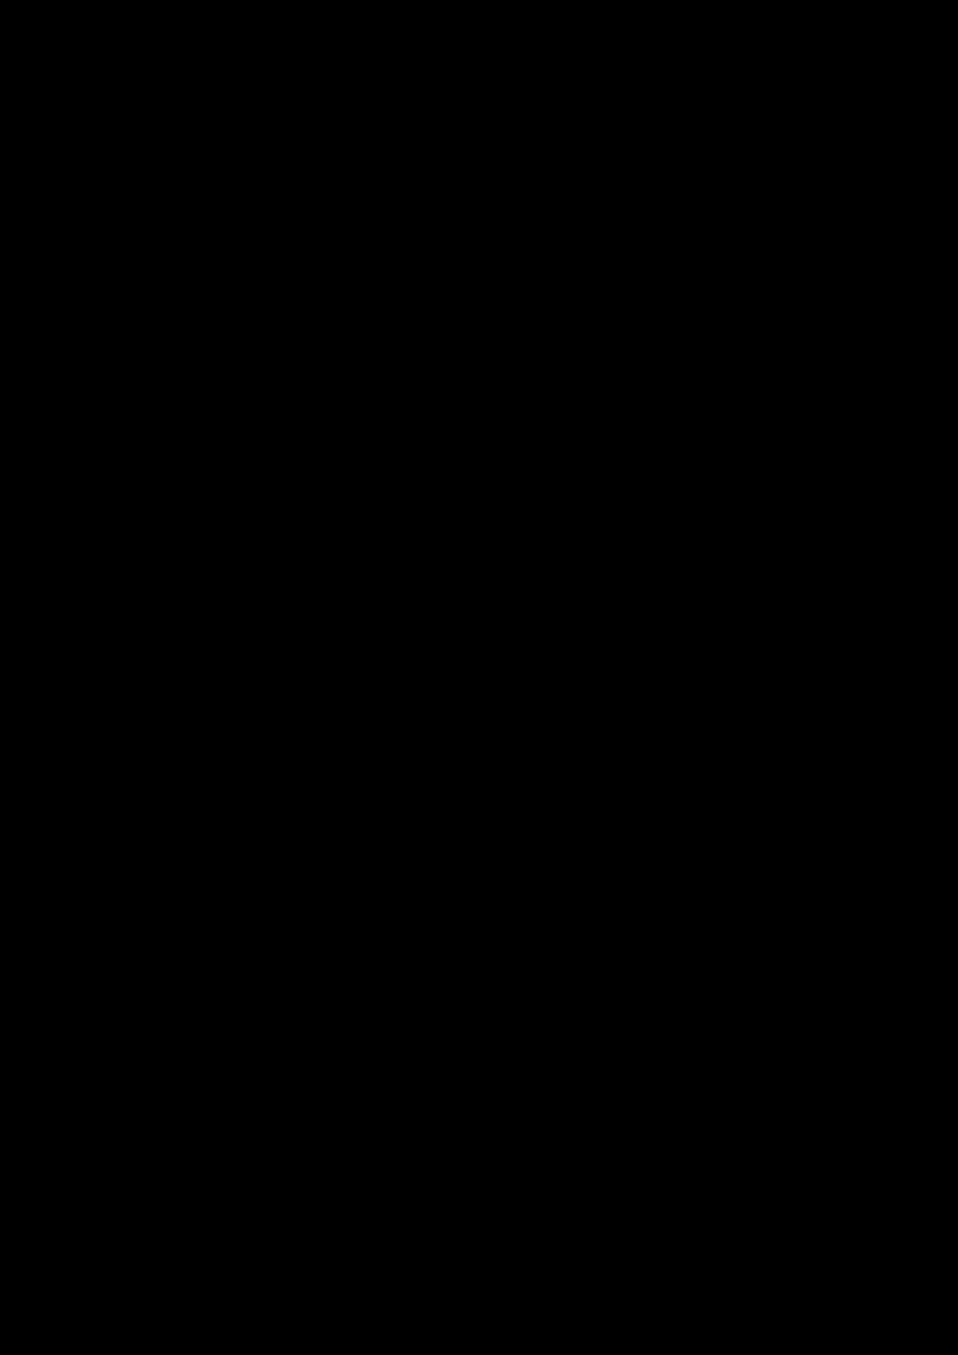 Ancient Mexico Motif (8)